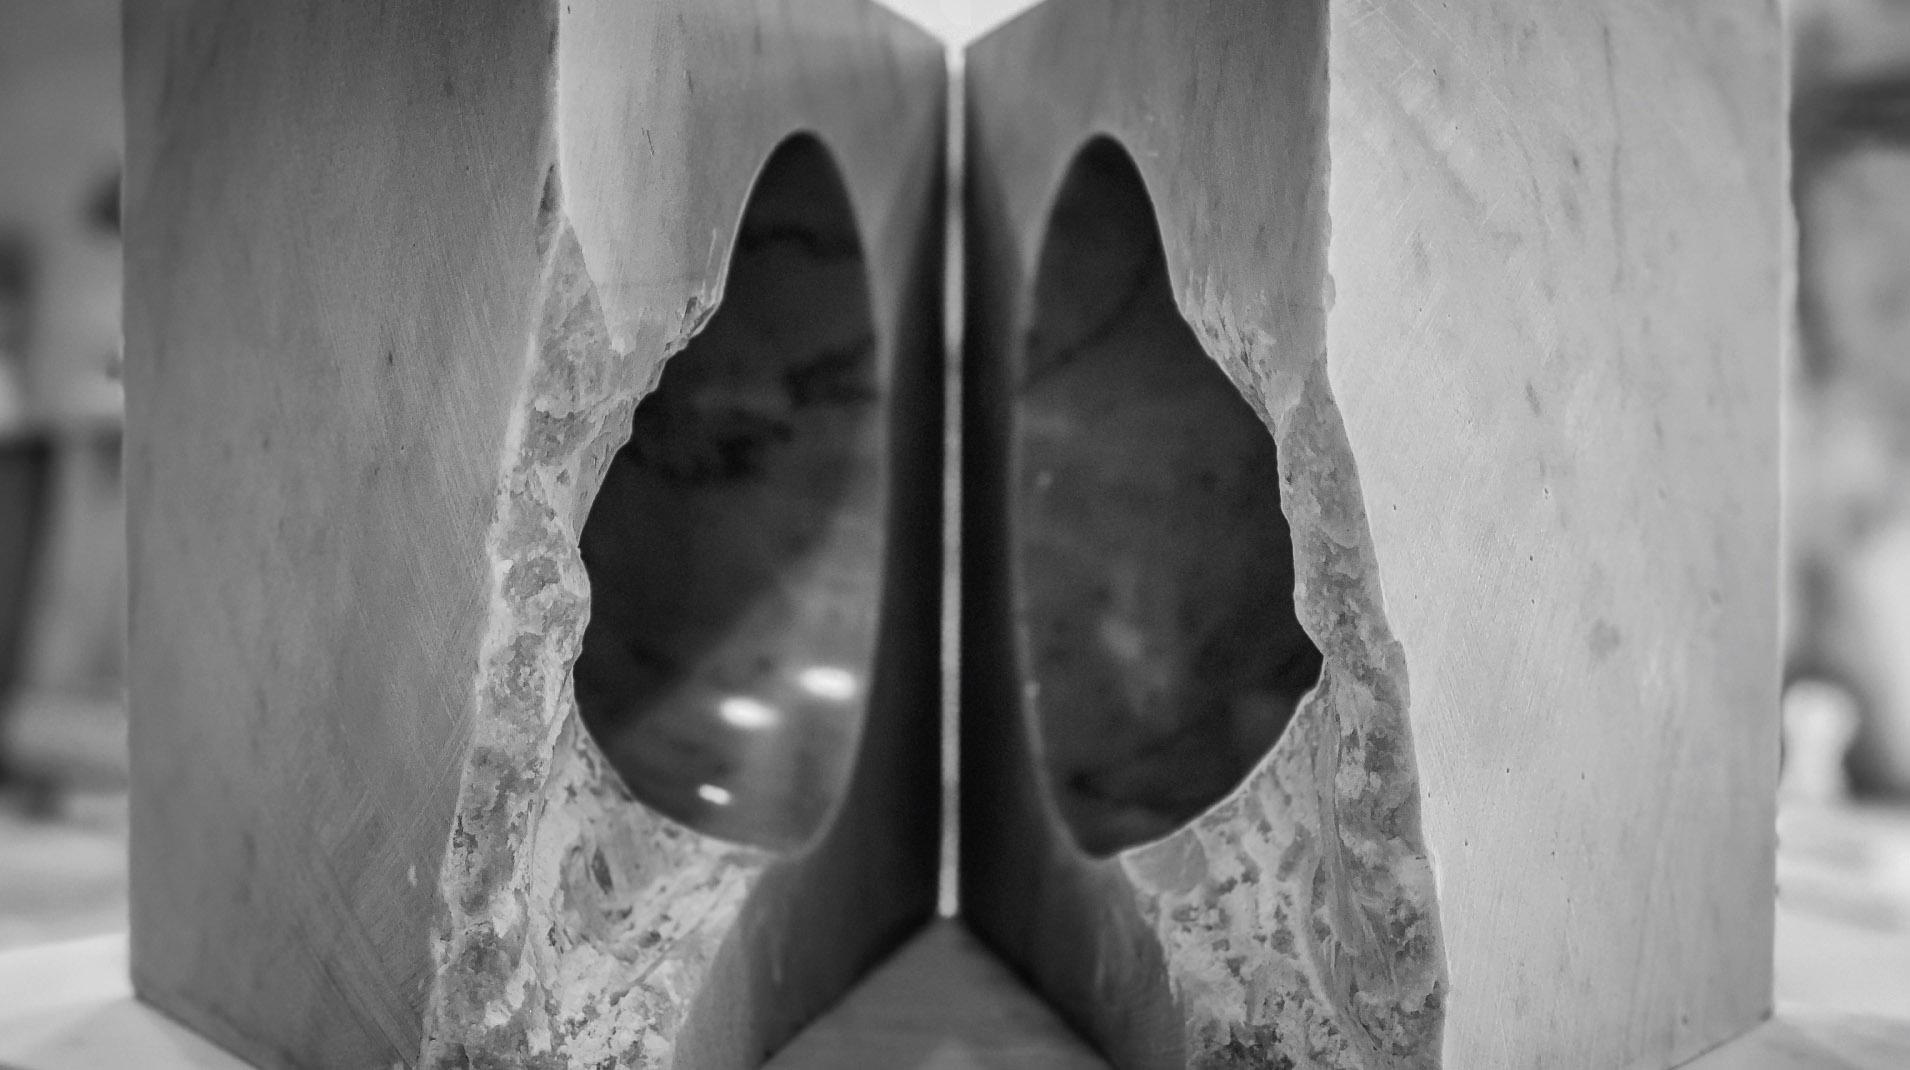 09-ELTIEMPO-AARON-NACHTAILER-ART-ARTIST-MARBLE